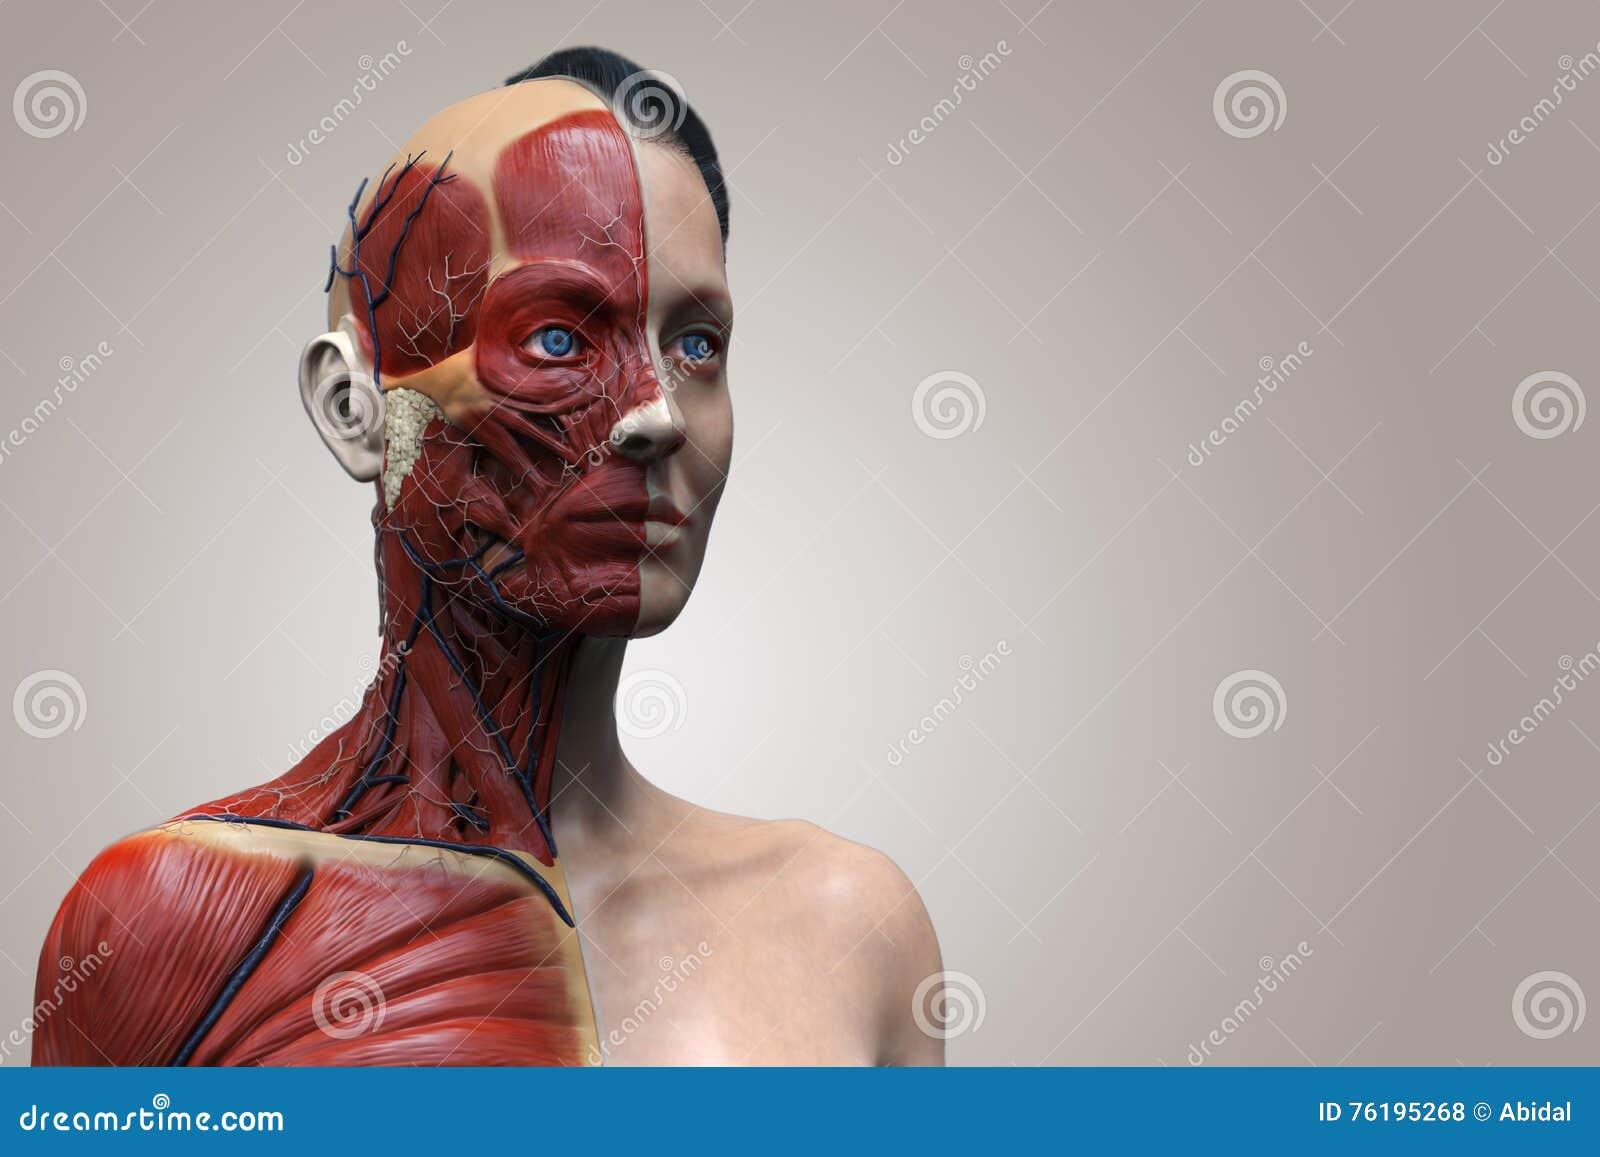 Anatomie Corps Humain Femme anatomie de corps humain de femme illustration stock - illustration